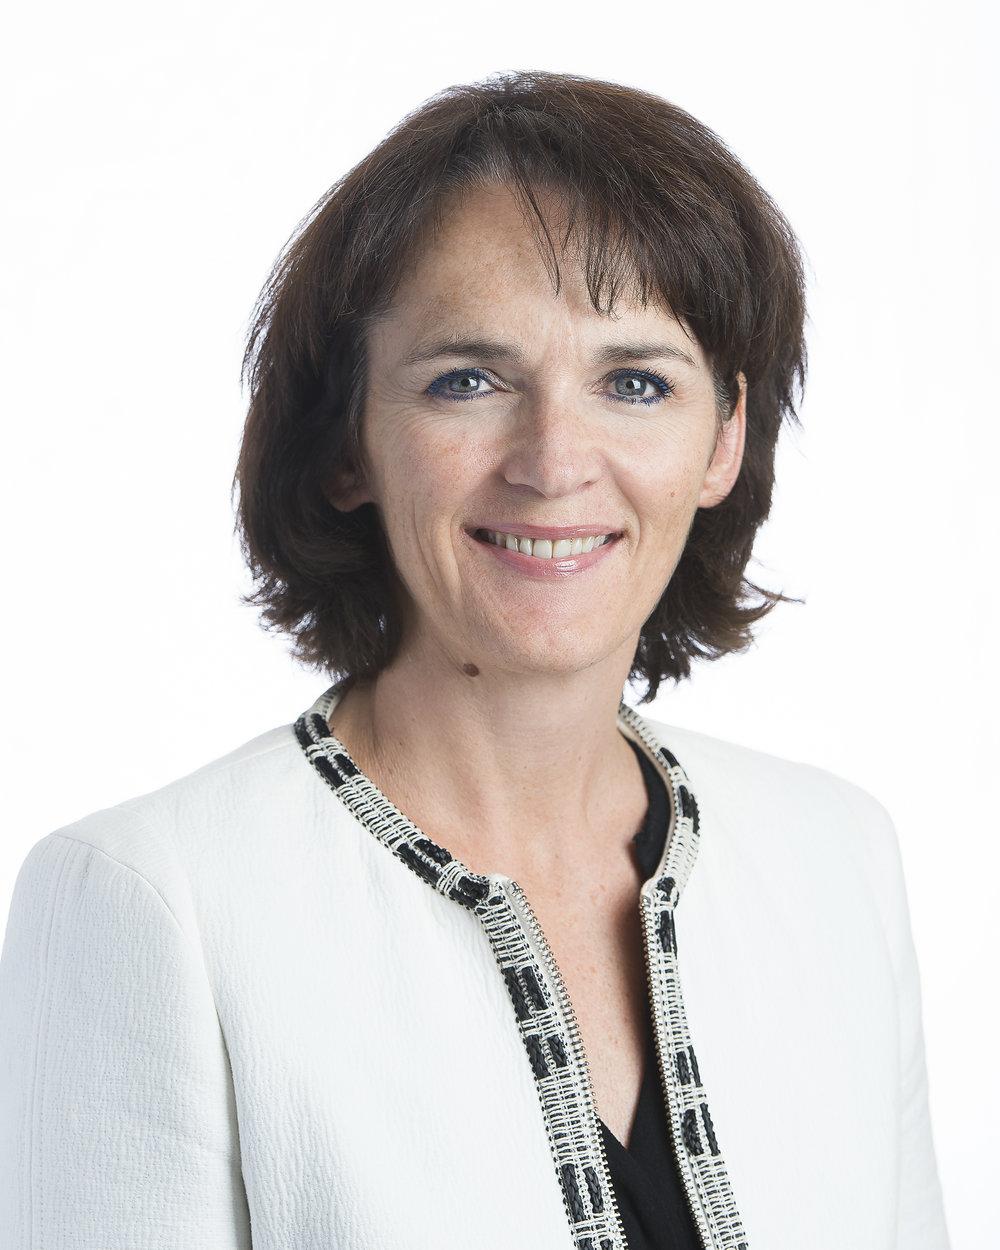 Marine Friant-Perrot, Maître de conférences à la Faculté de droit et des sciences politiques de Nantes, Université de Nantes